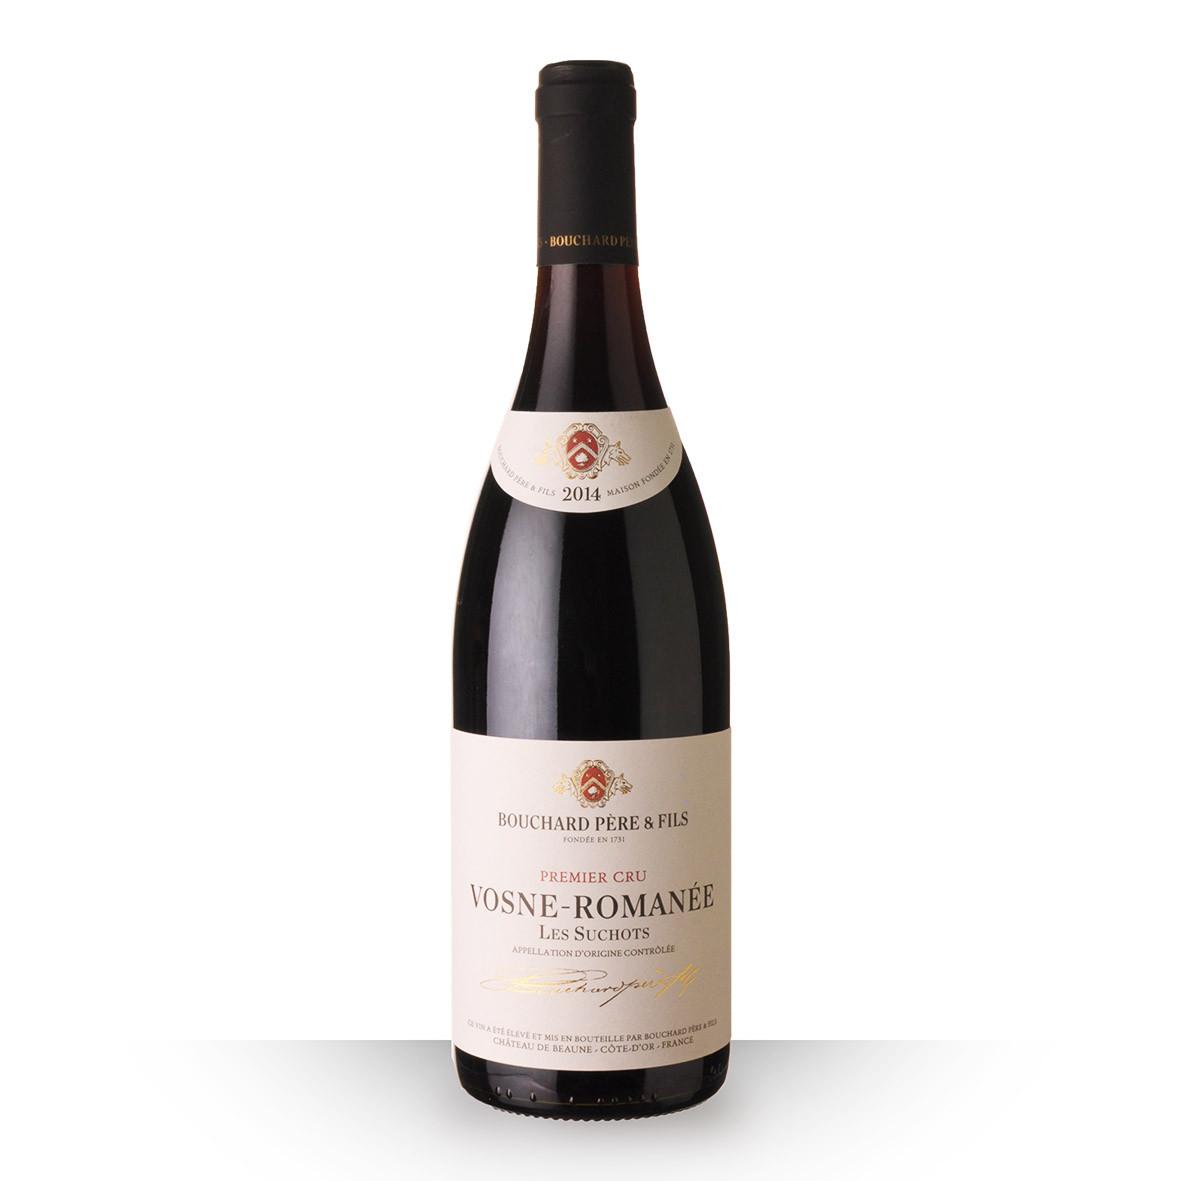 Bouchard Père et Fils Vosne-Romanée 1er Cru les Suchots Rouge 2014 75cl www.odyssee-vins.com